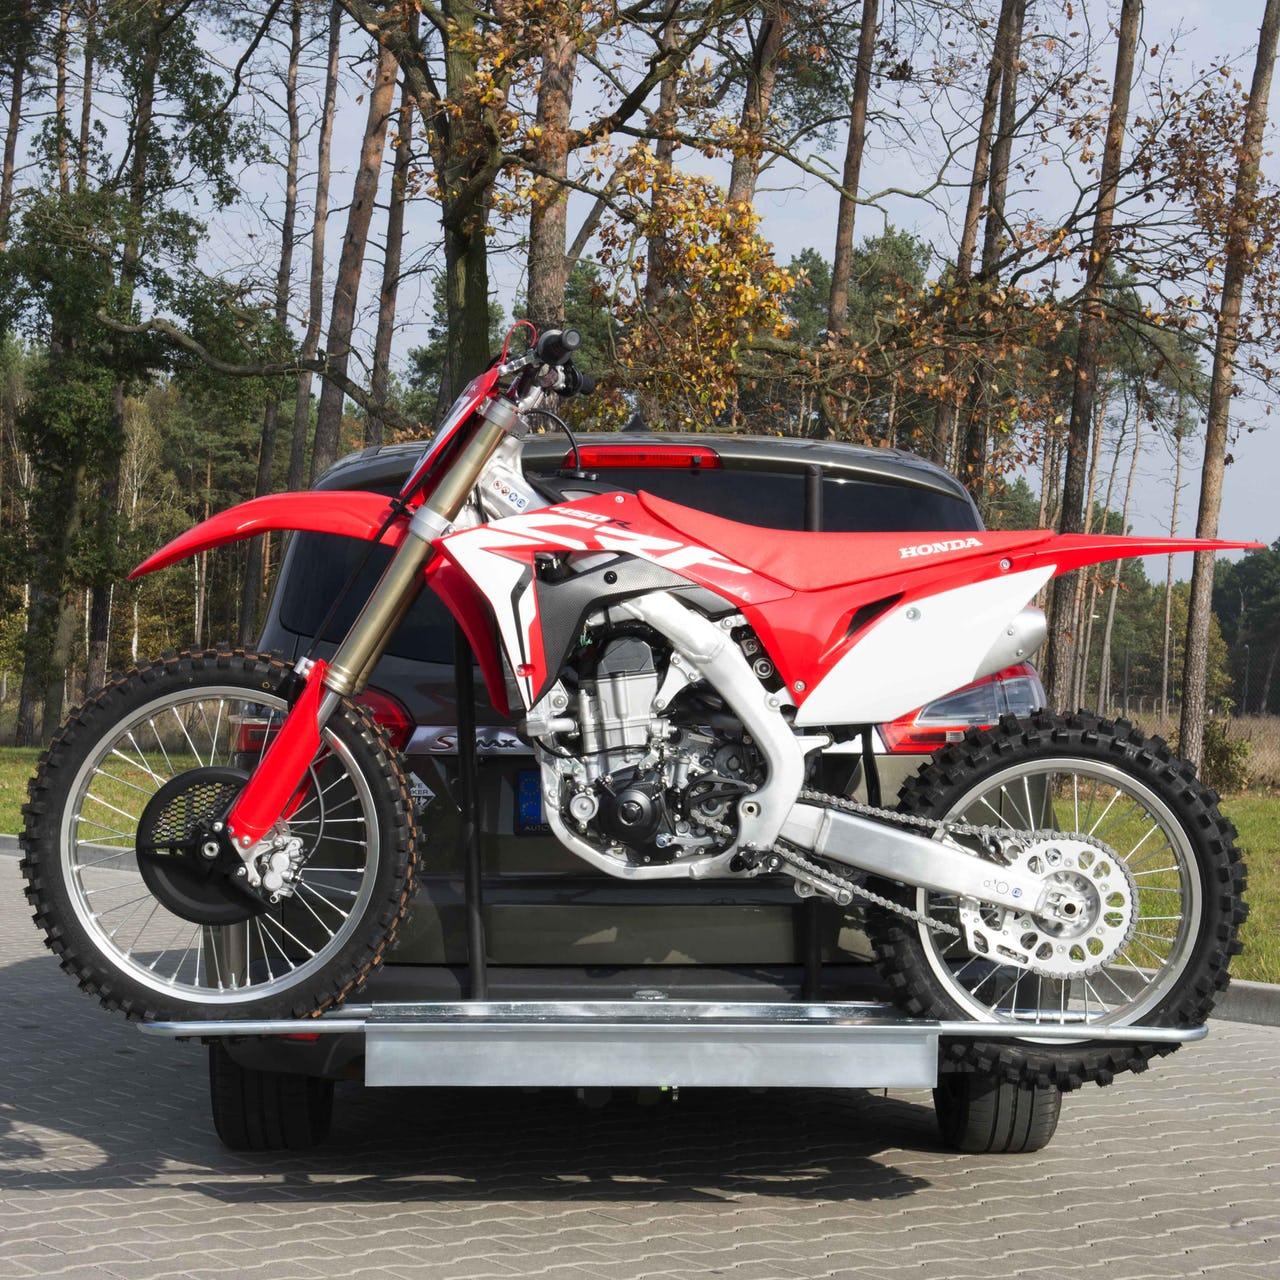 Porte-moto rail sur attelage de véhicule 24MX - endommagé